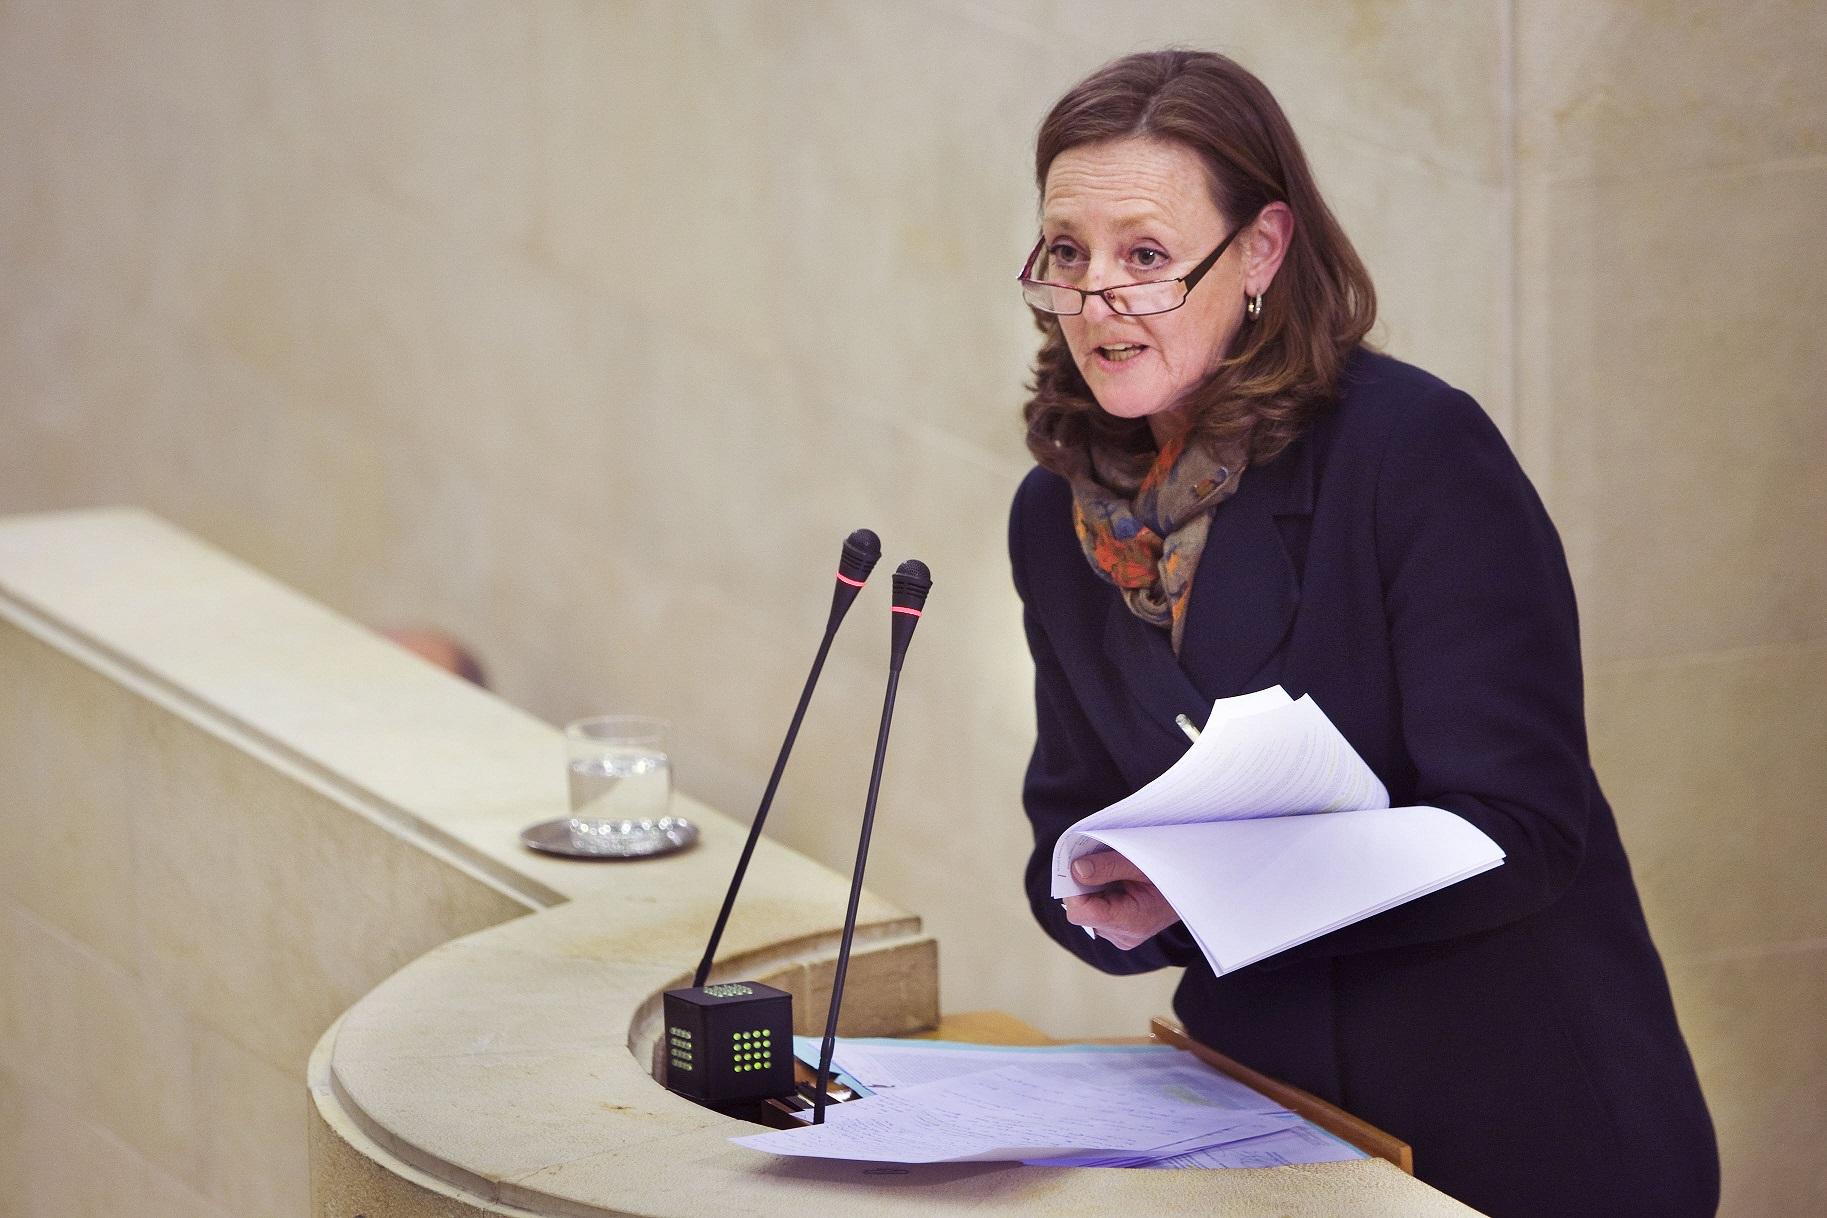 La diputada Mercedes Toribio pone su cargo a disposición del PP tras quedar fuera de las listas electorales